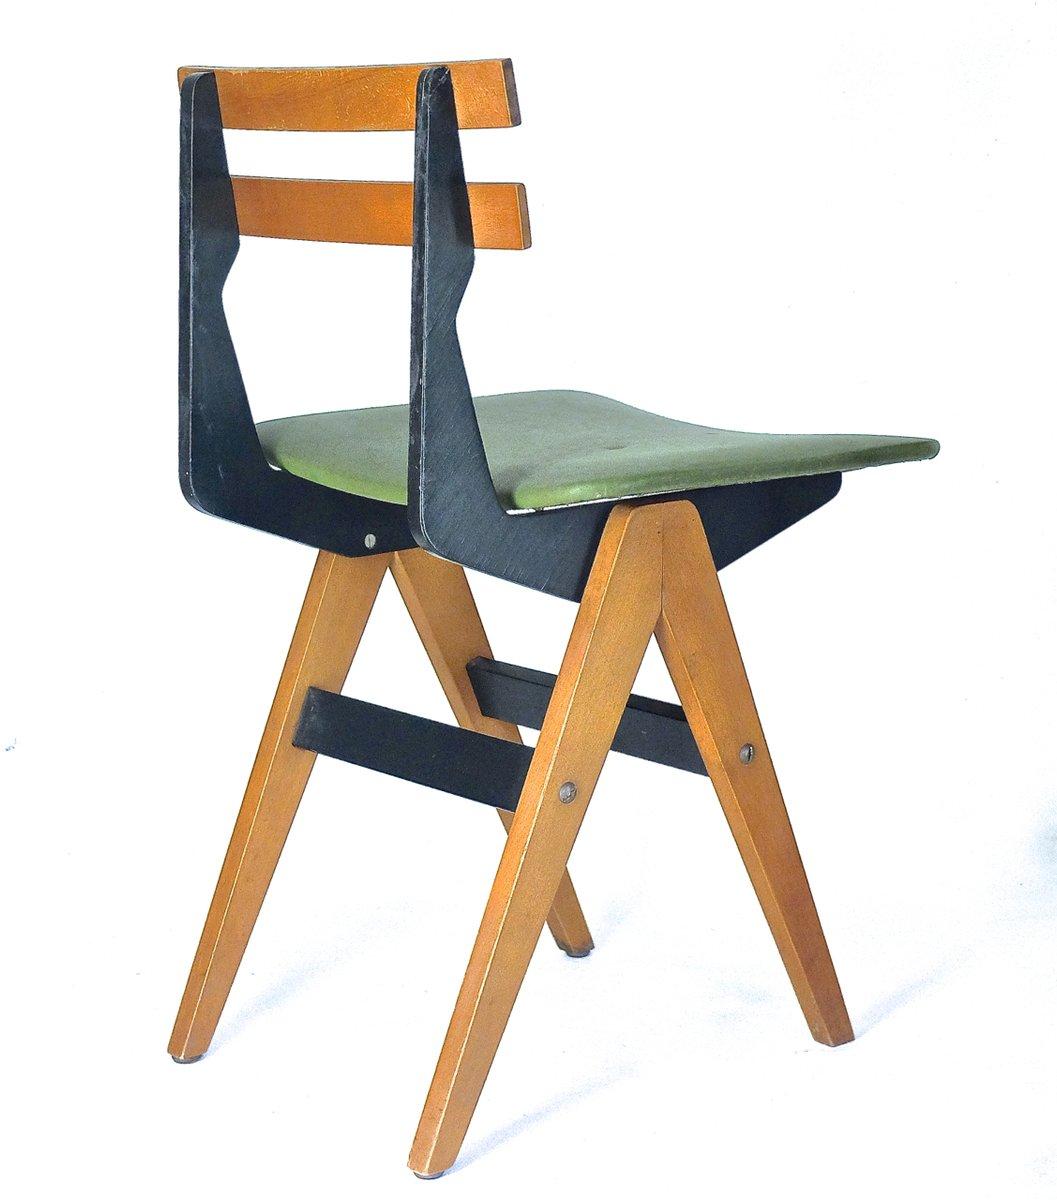 kinderschreibtisch stuhl von fratelli reguitti 1955. Black Bedroom Furniture Sets. Home Design Ideas